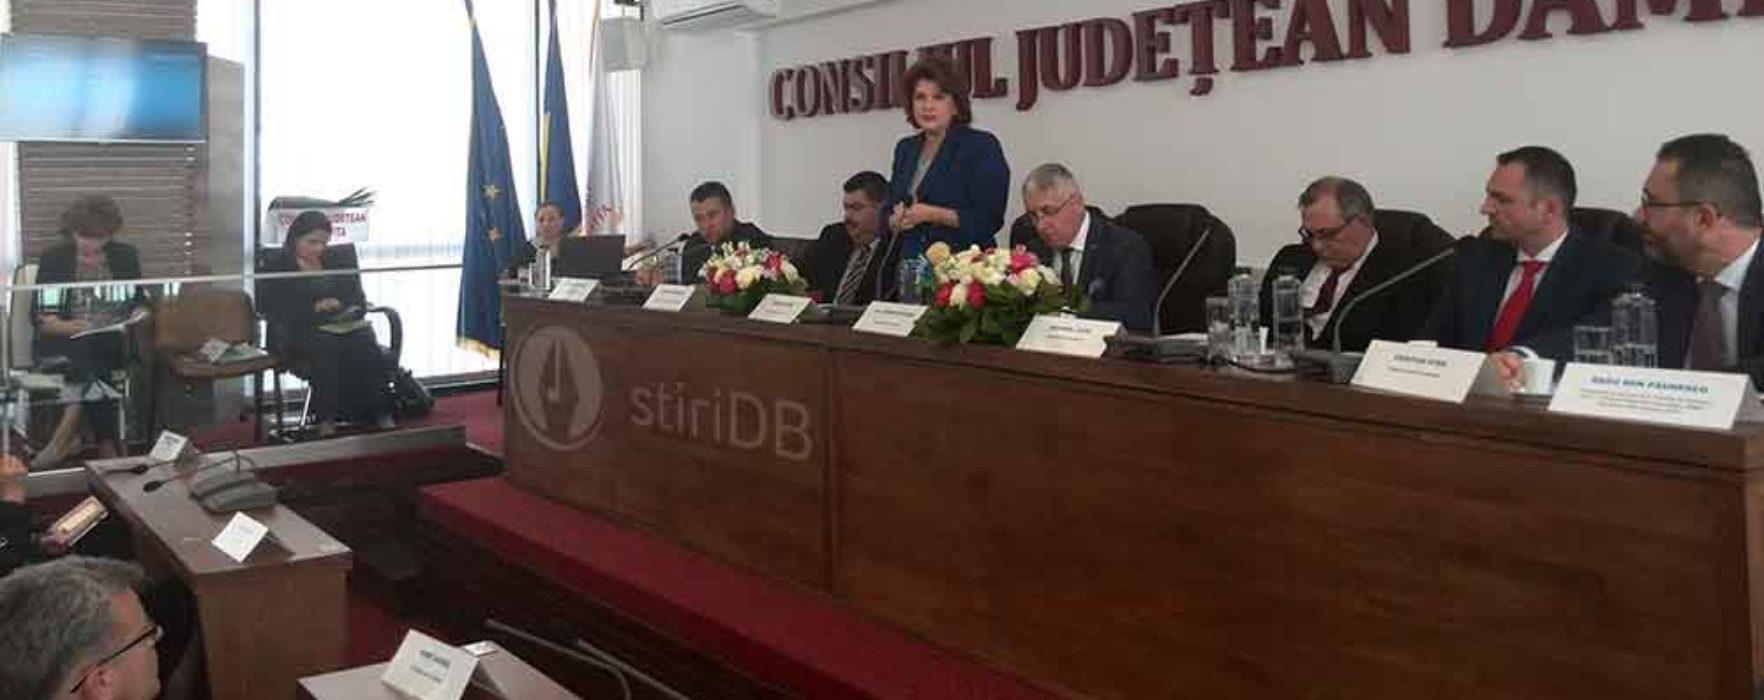 Dâmboviţa: Ministrul Rovana Plumb a participat la prezentarea proiectului european de dezvoltarea a infrastructurii de apă în judeţ